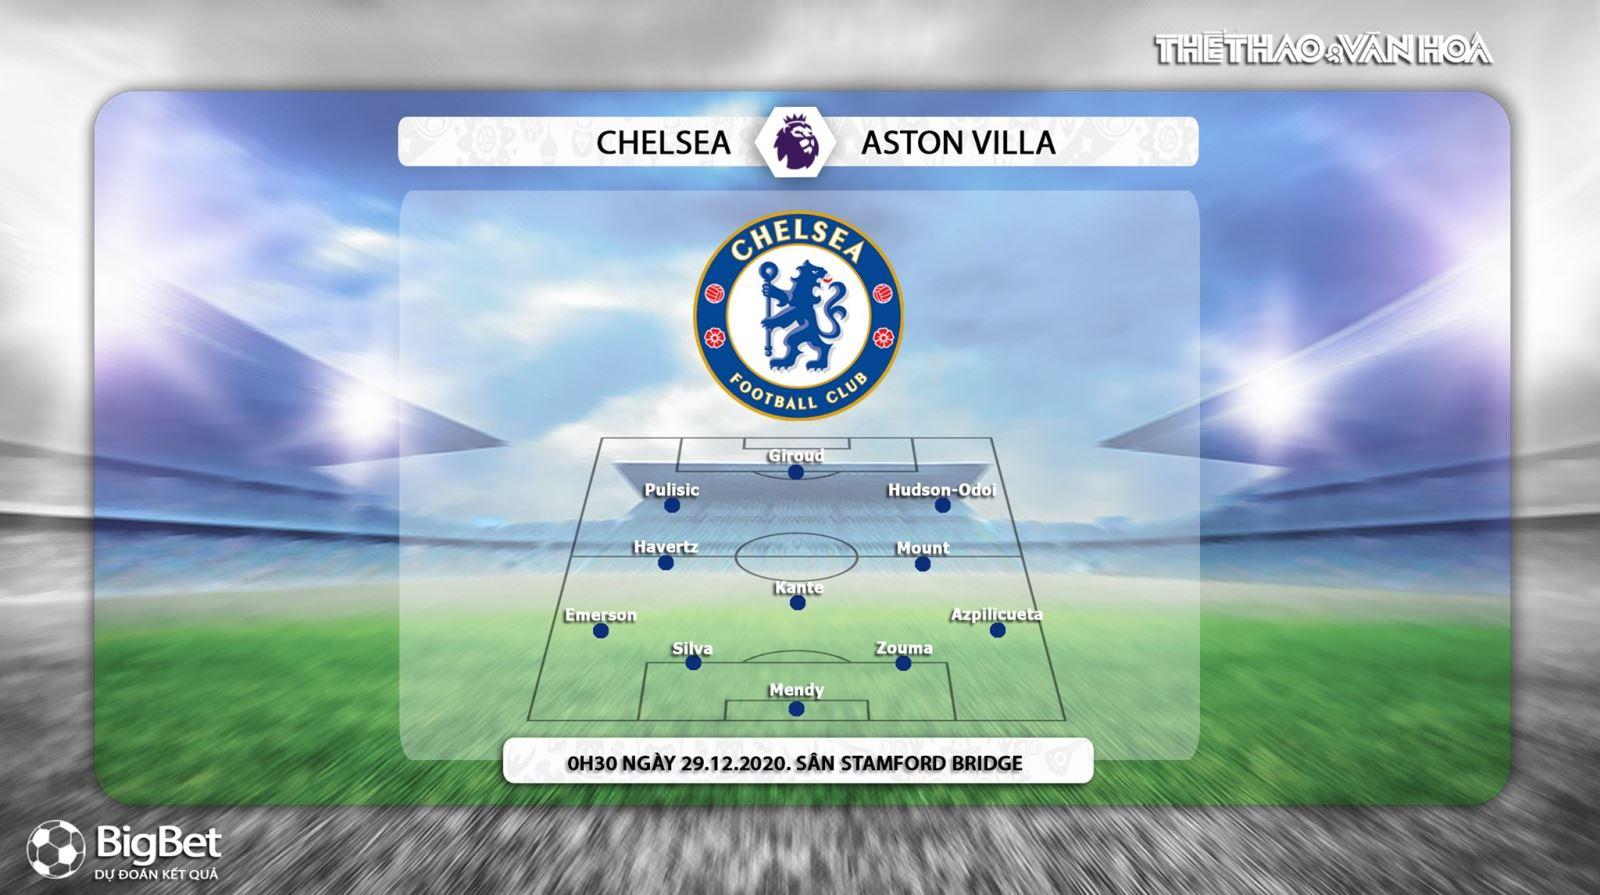 Keo nha cai, Kèo nhà cái, Chelsea vs Aston Villa, Trực tiếp bóng đá Anh hôm nay, K+, K+PM, trực tiếp bóng đá Chelsea đấu với Aston Villa, trực tiếp Ngoại hạng Anh